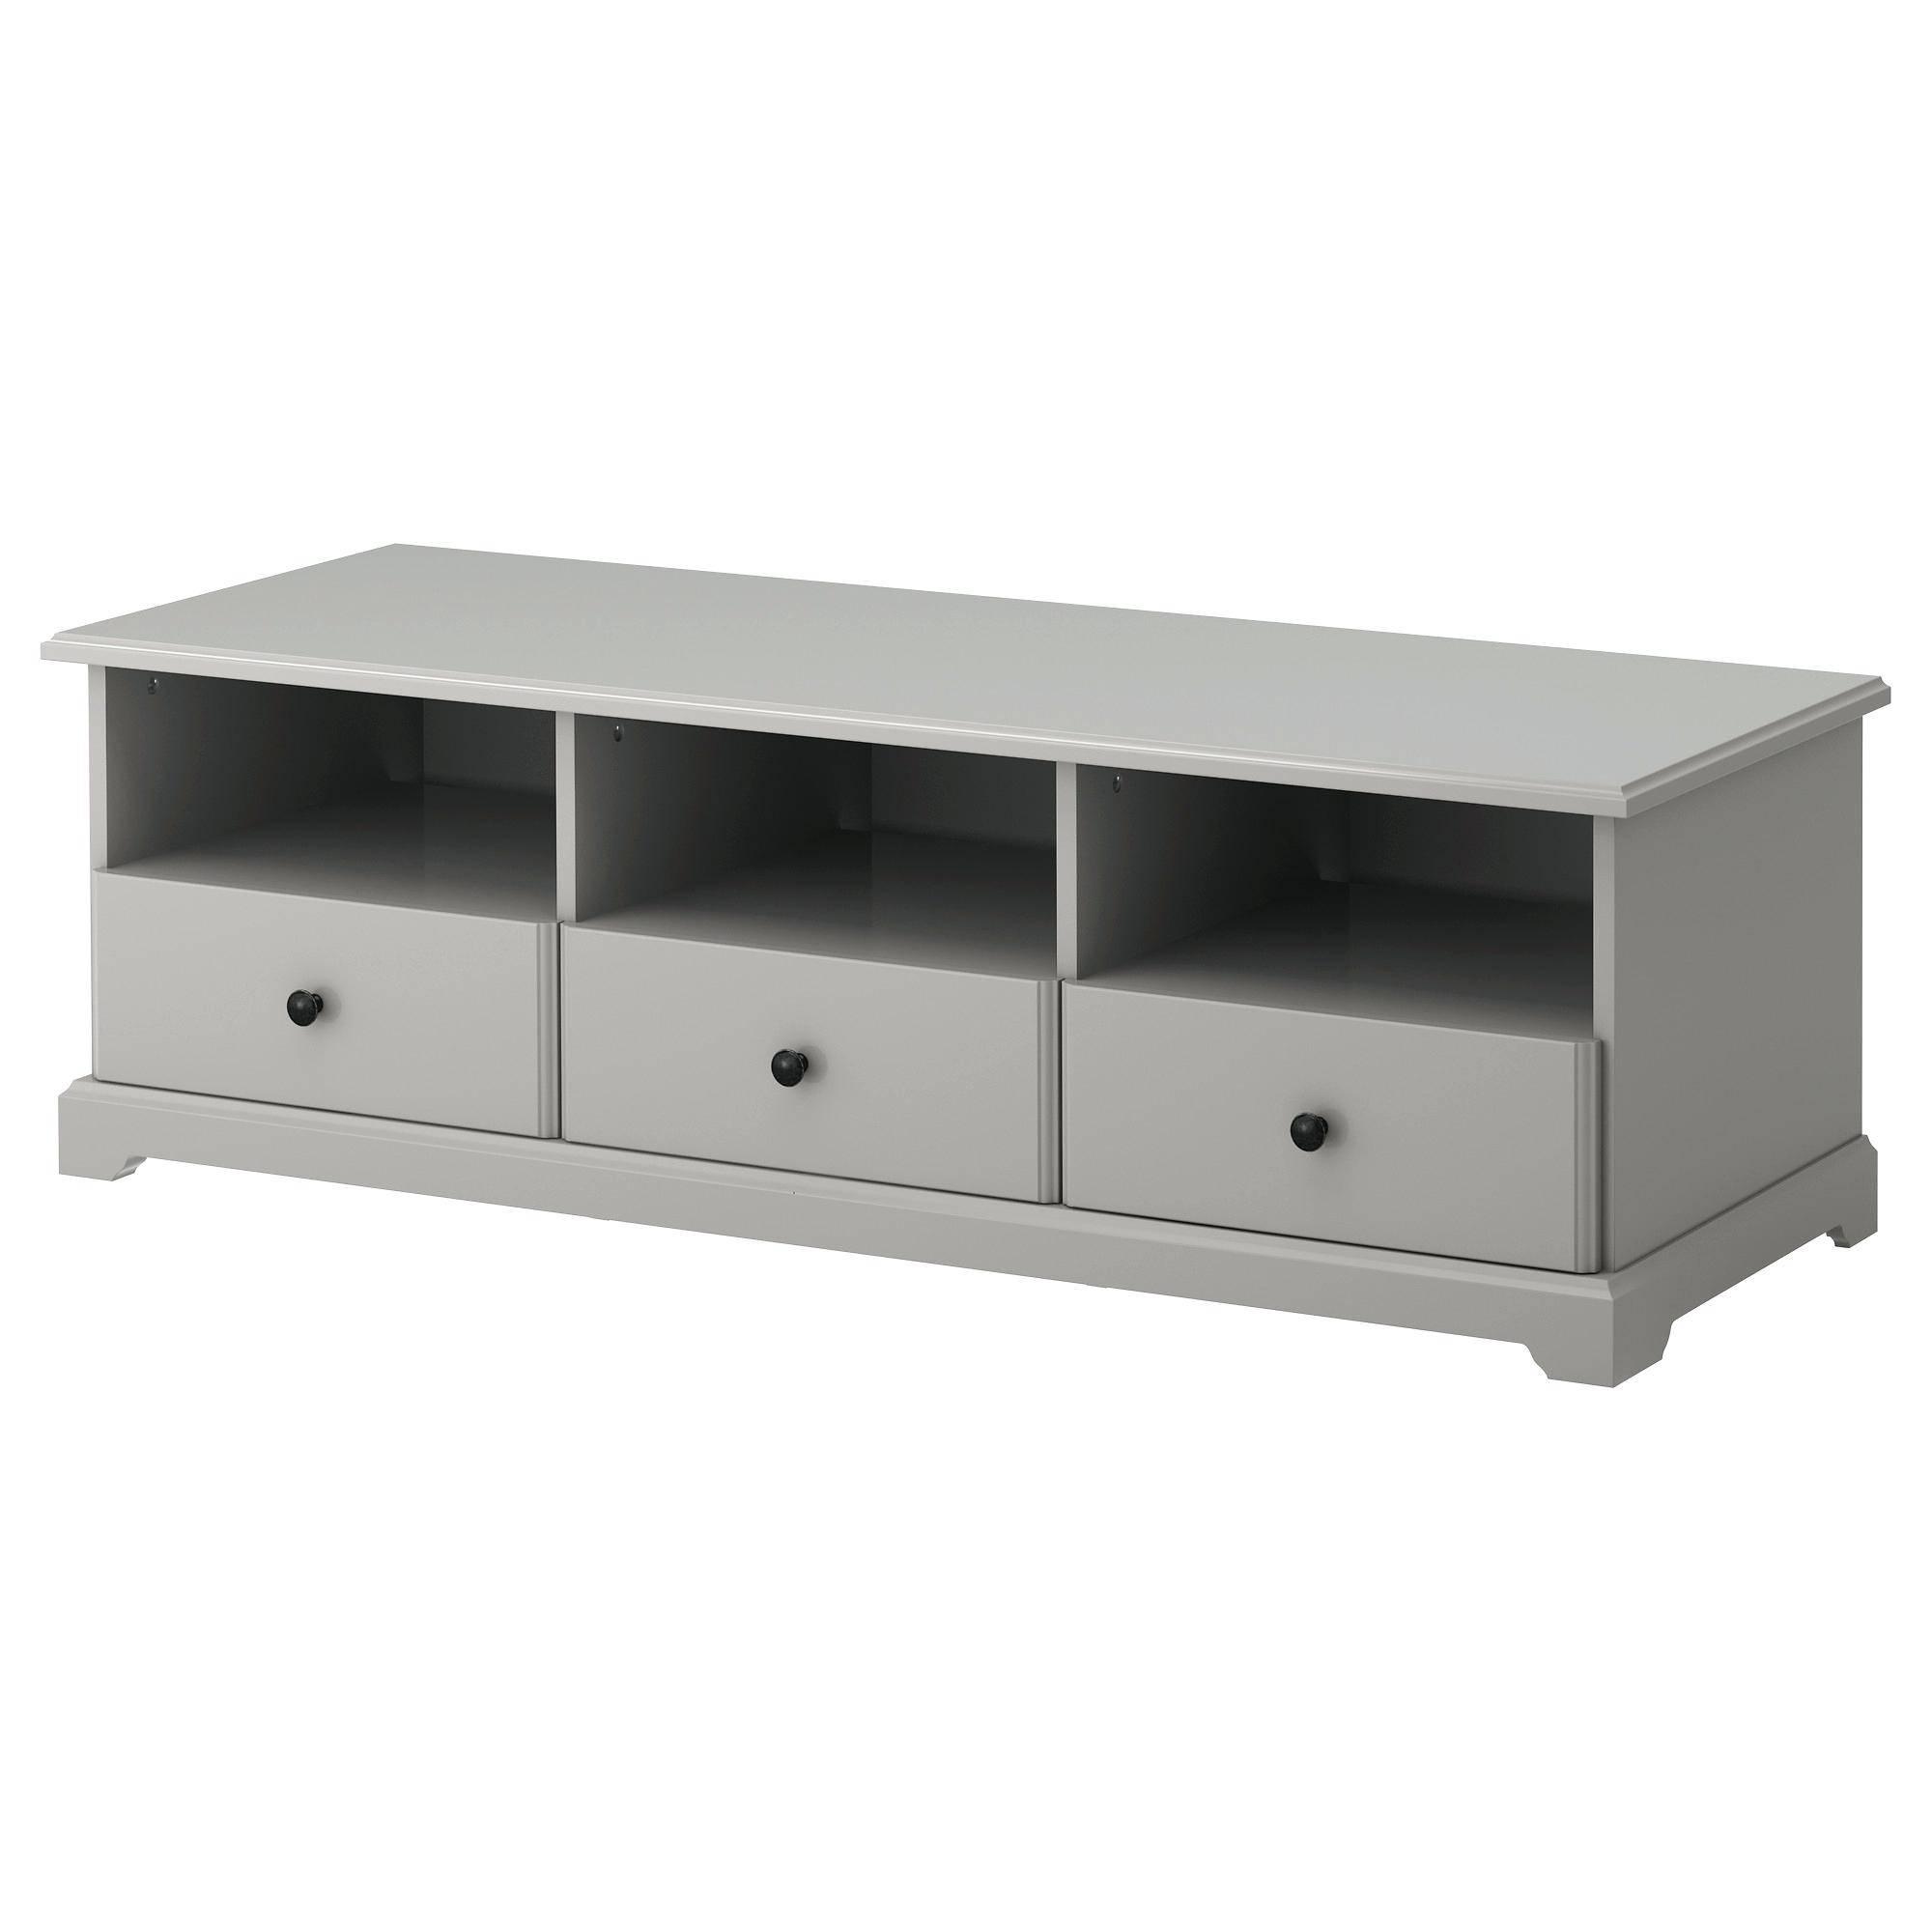 Shelves : White Corner Tv Cabinets Modrest Avis Modern Walnut Pertaining To White Corner Tv Cabinets (View 9 of 15)